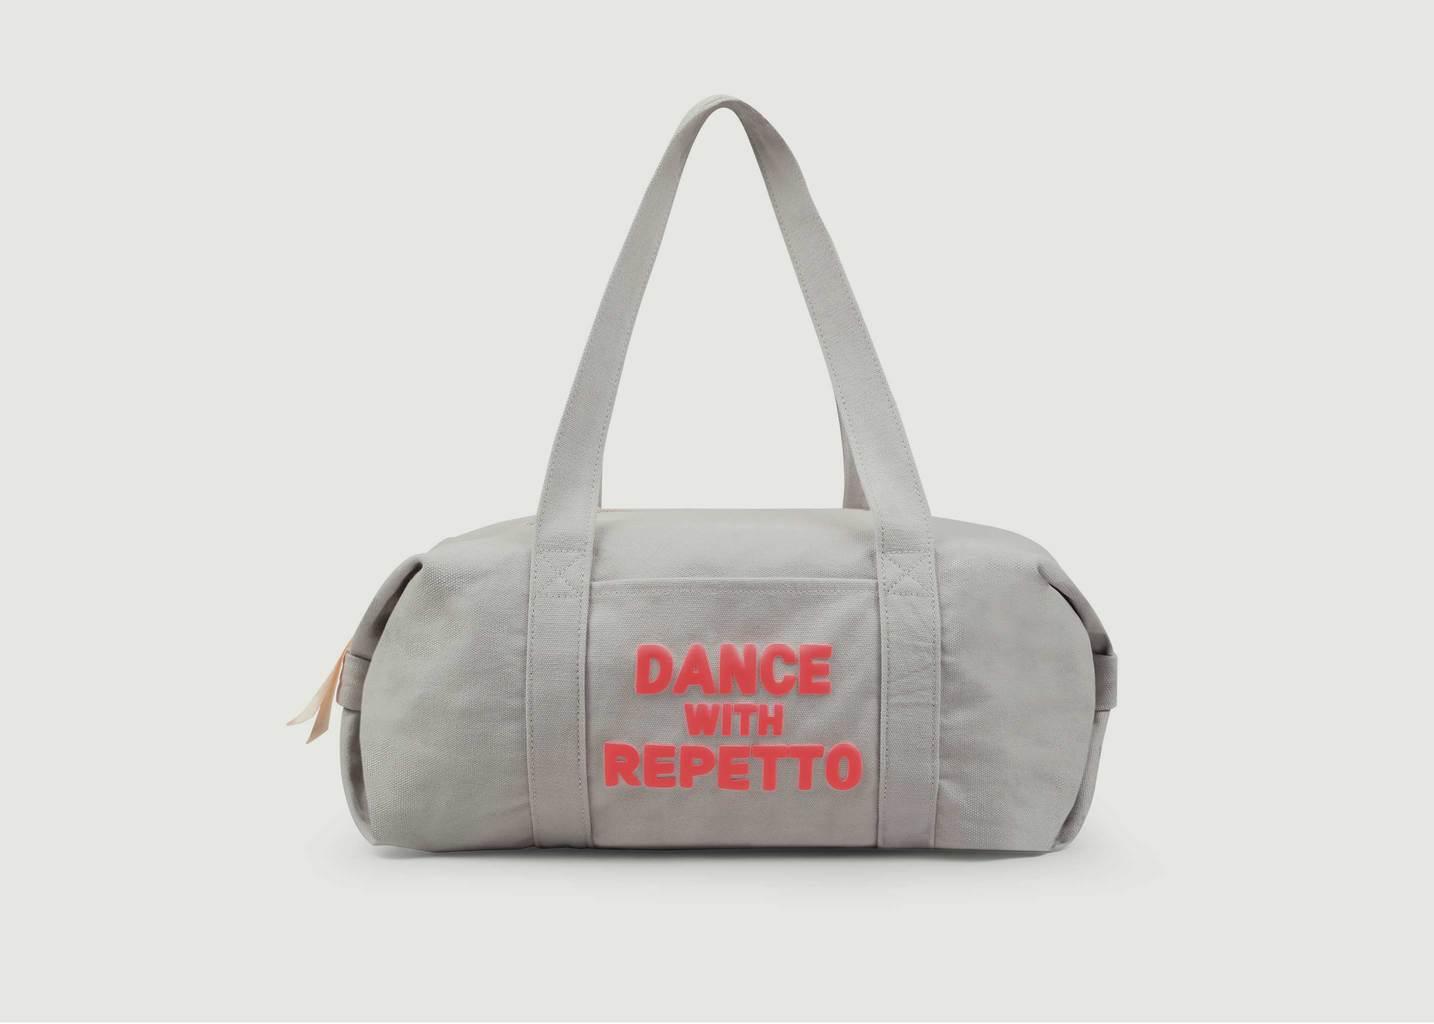 Sac polochon taille M en coton Dance With Repetto - Repetto